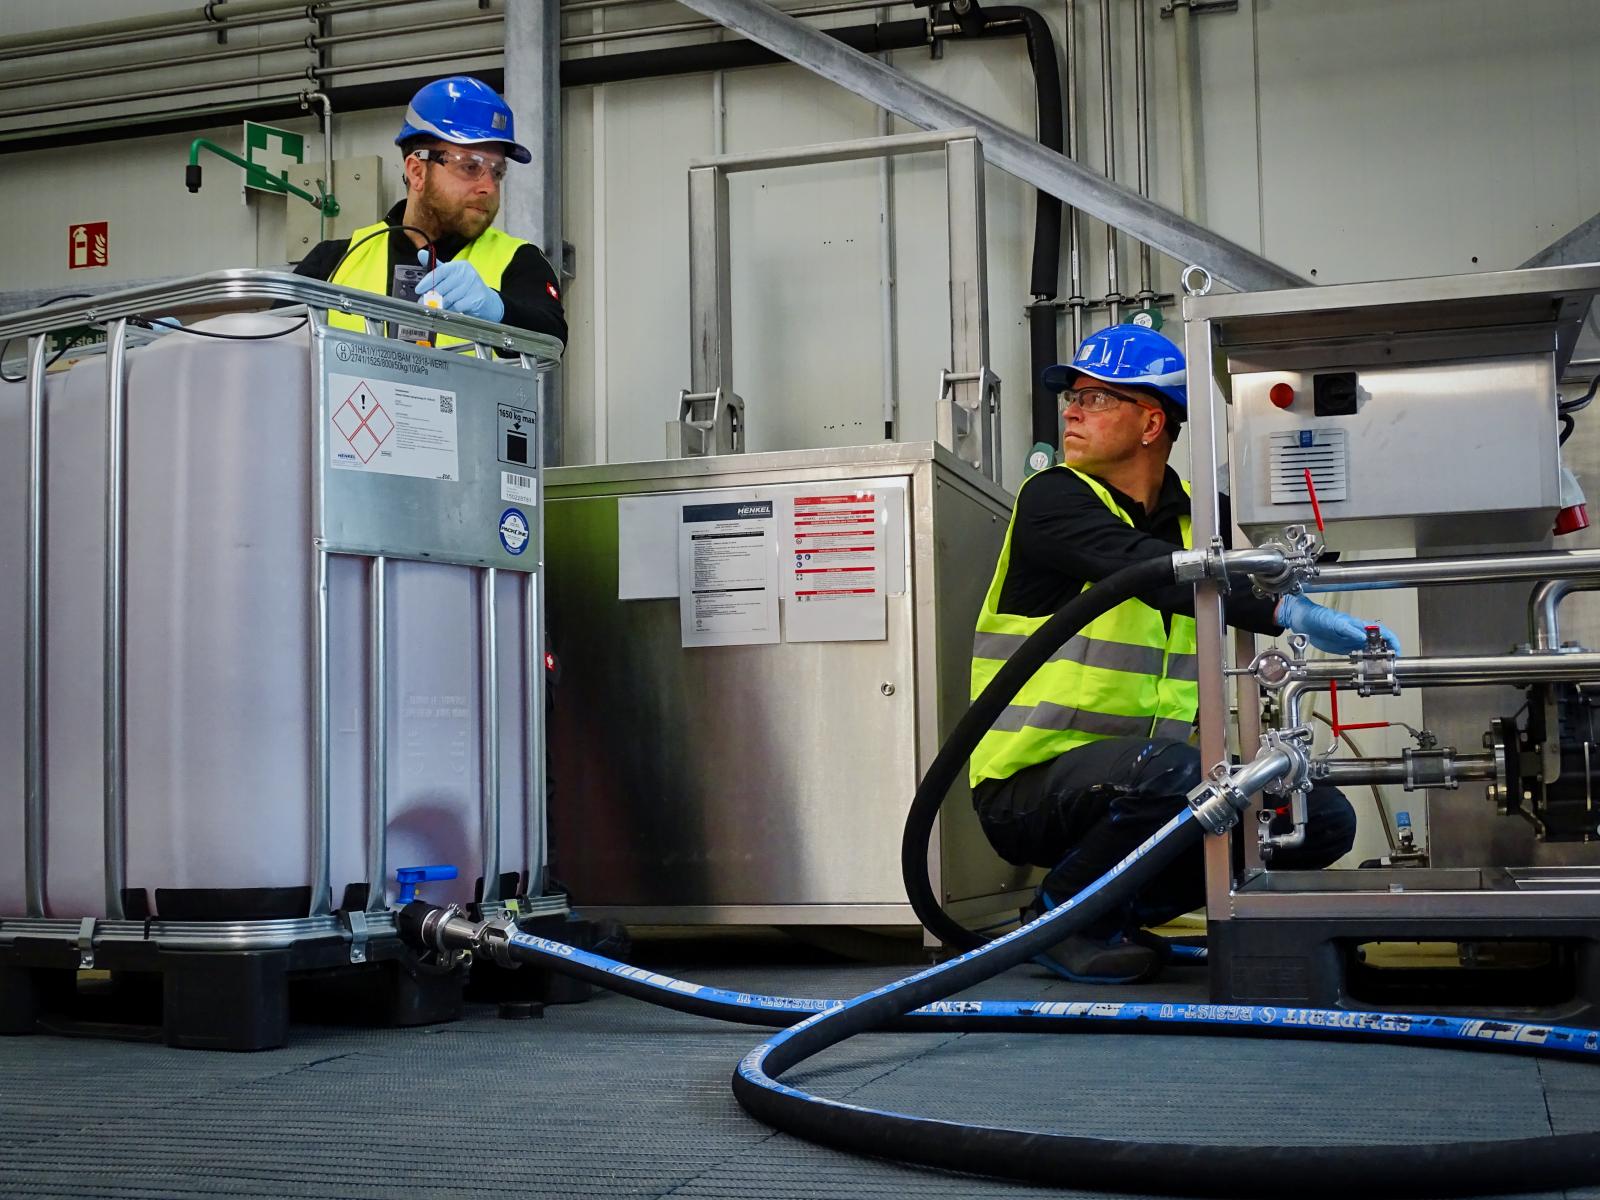 Arbeiten im Vor-Ort-Service umfassen auch das Umpumpen von Chemie.